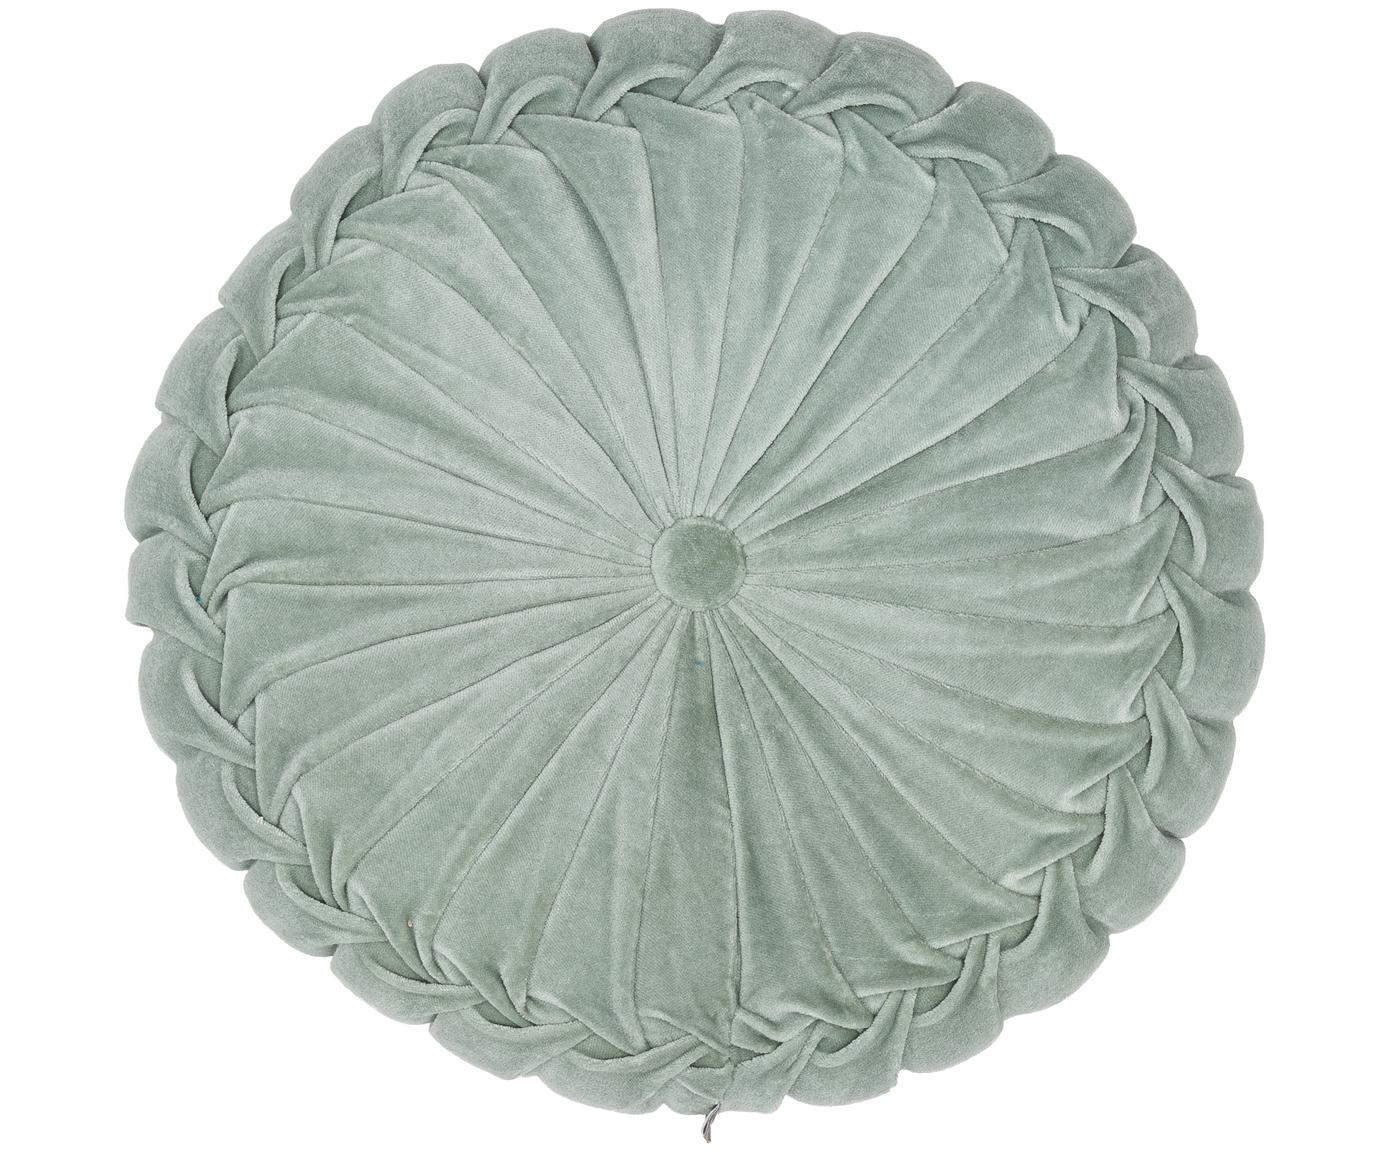 Rond fluwelen kussen Kanan met plooien, met vulling, Katoenfluweel, Mintgroen, Ø 40 x H 10 cm